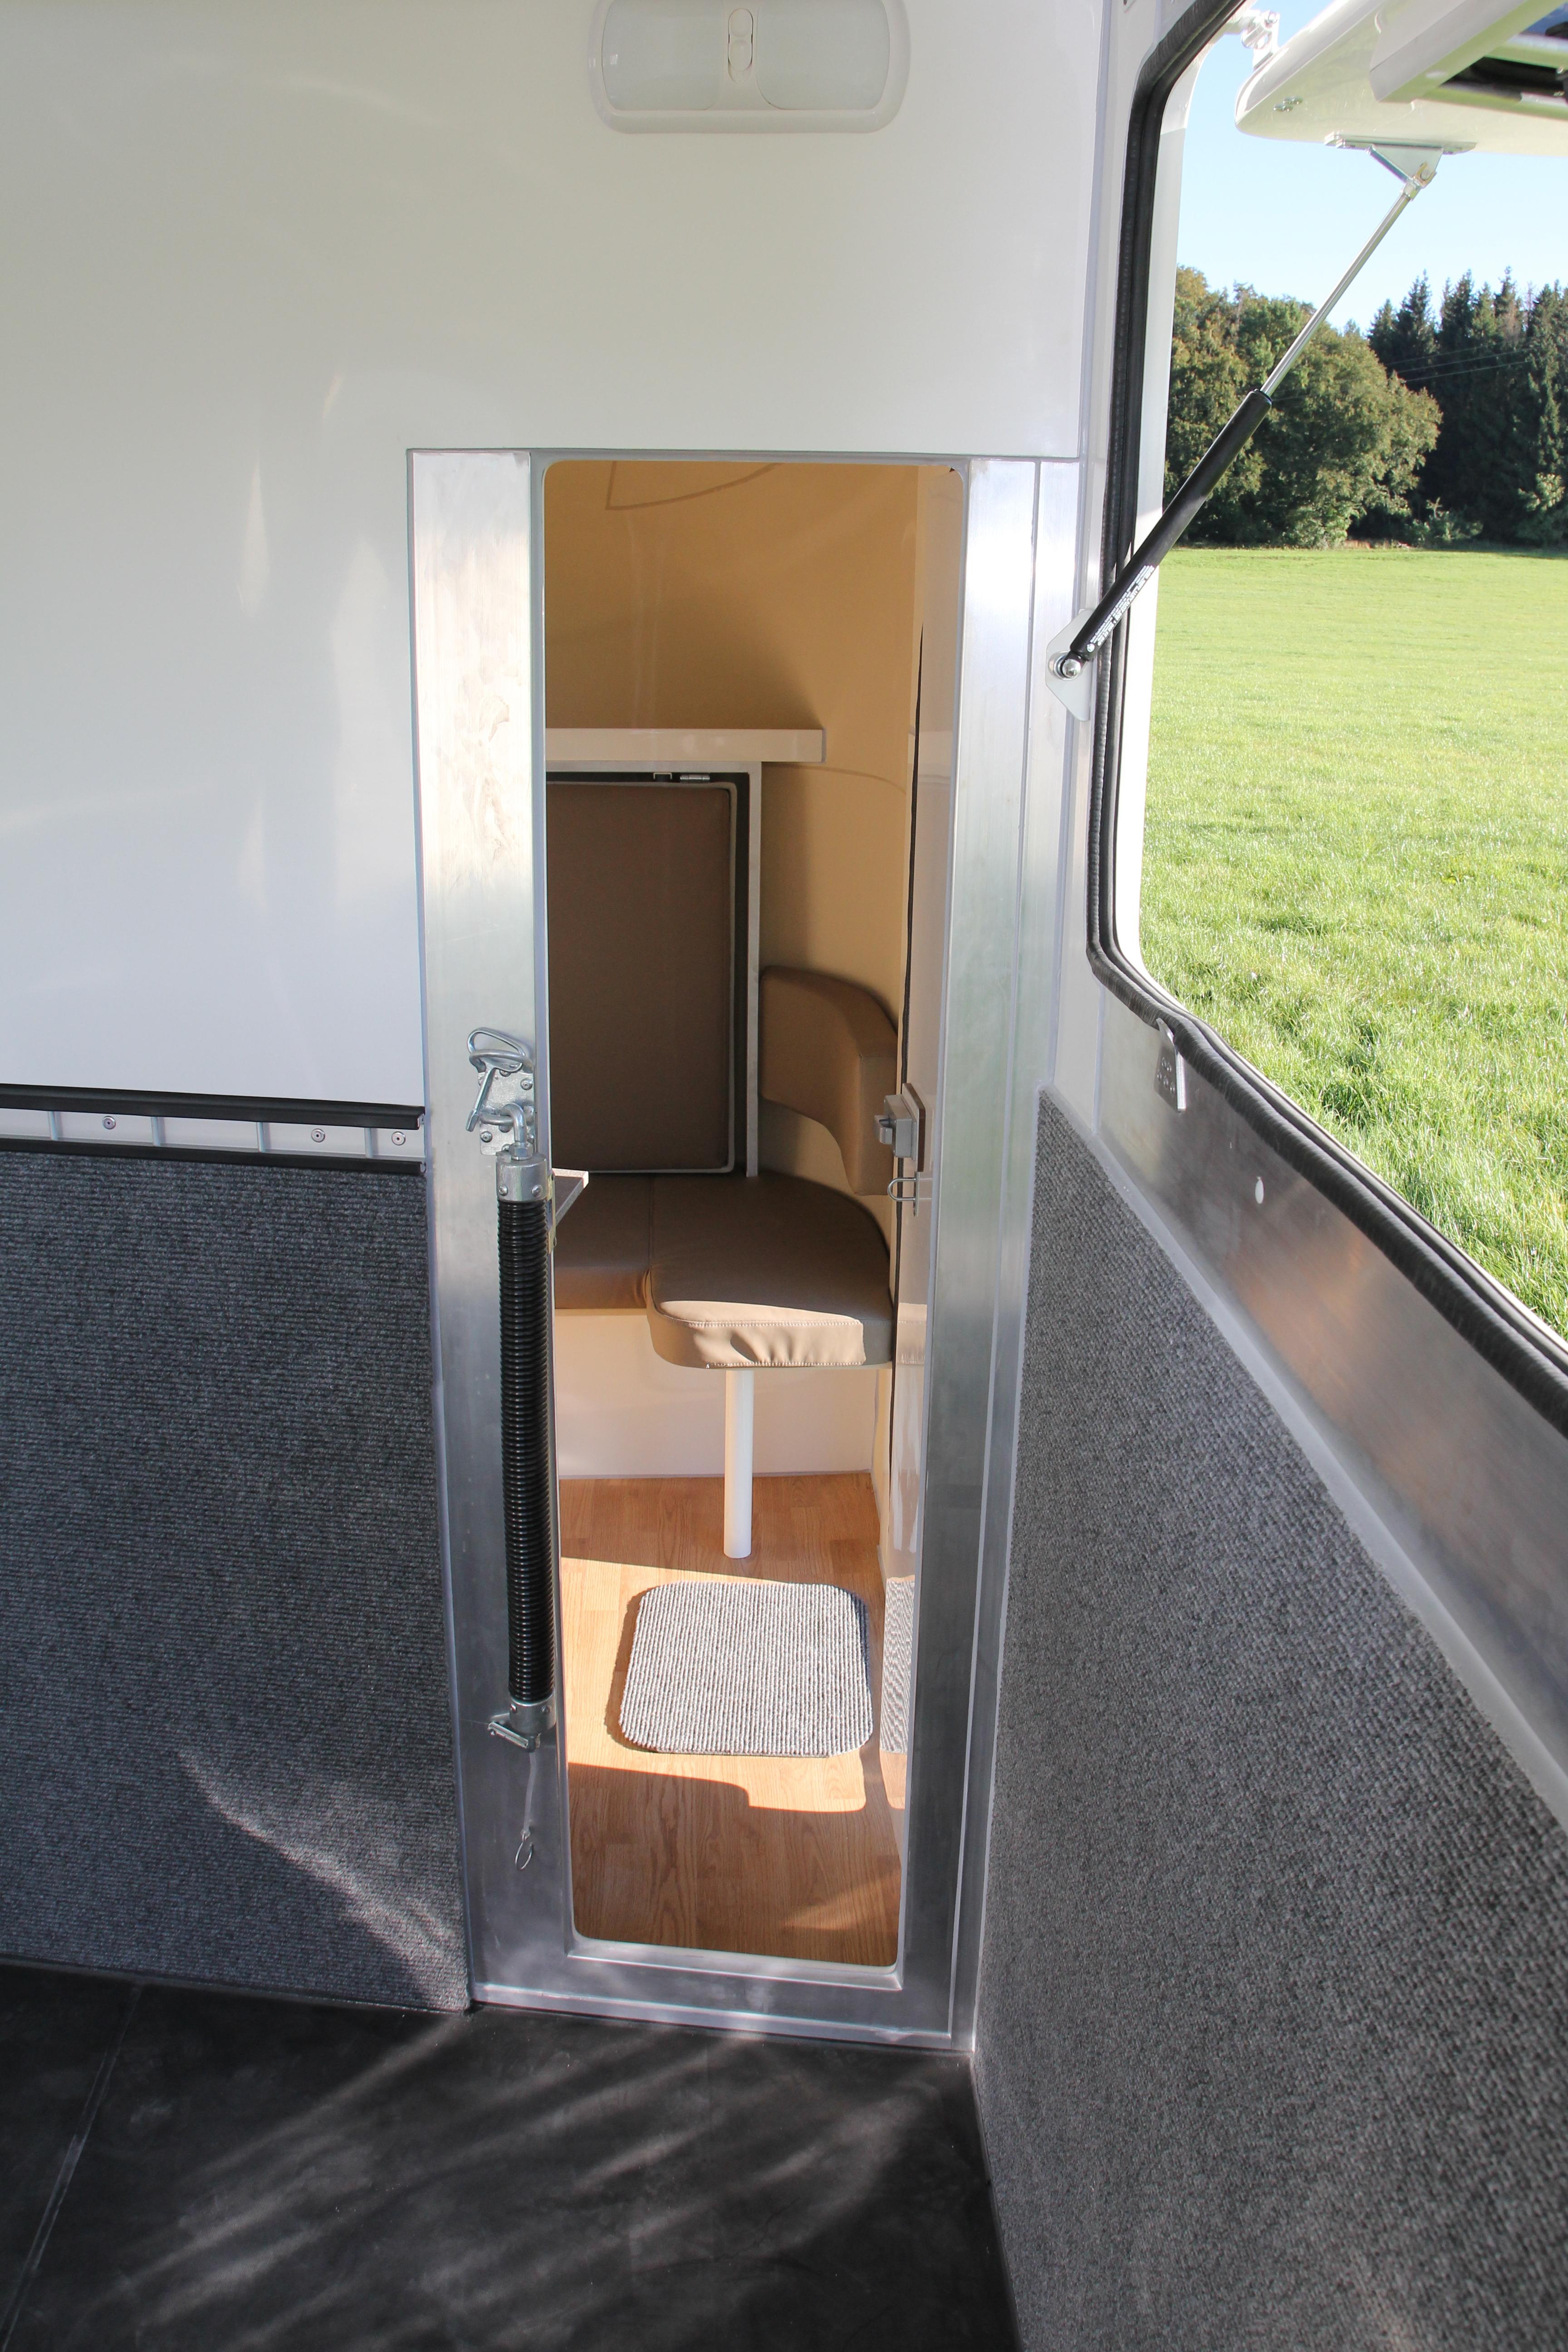 anh nger wms horse solution. Black Bedroom Furniture Sets. Home Design Ideas